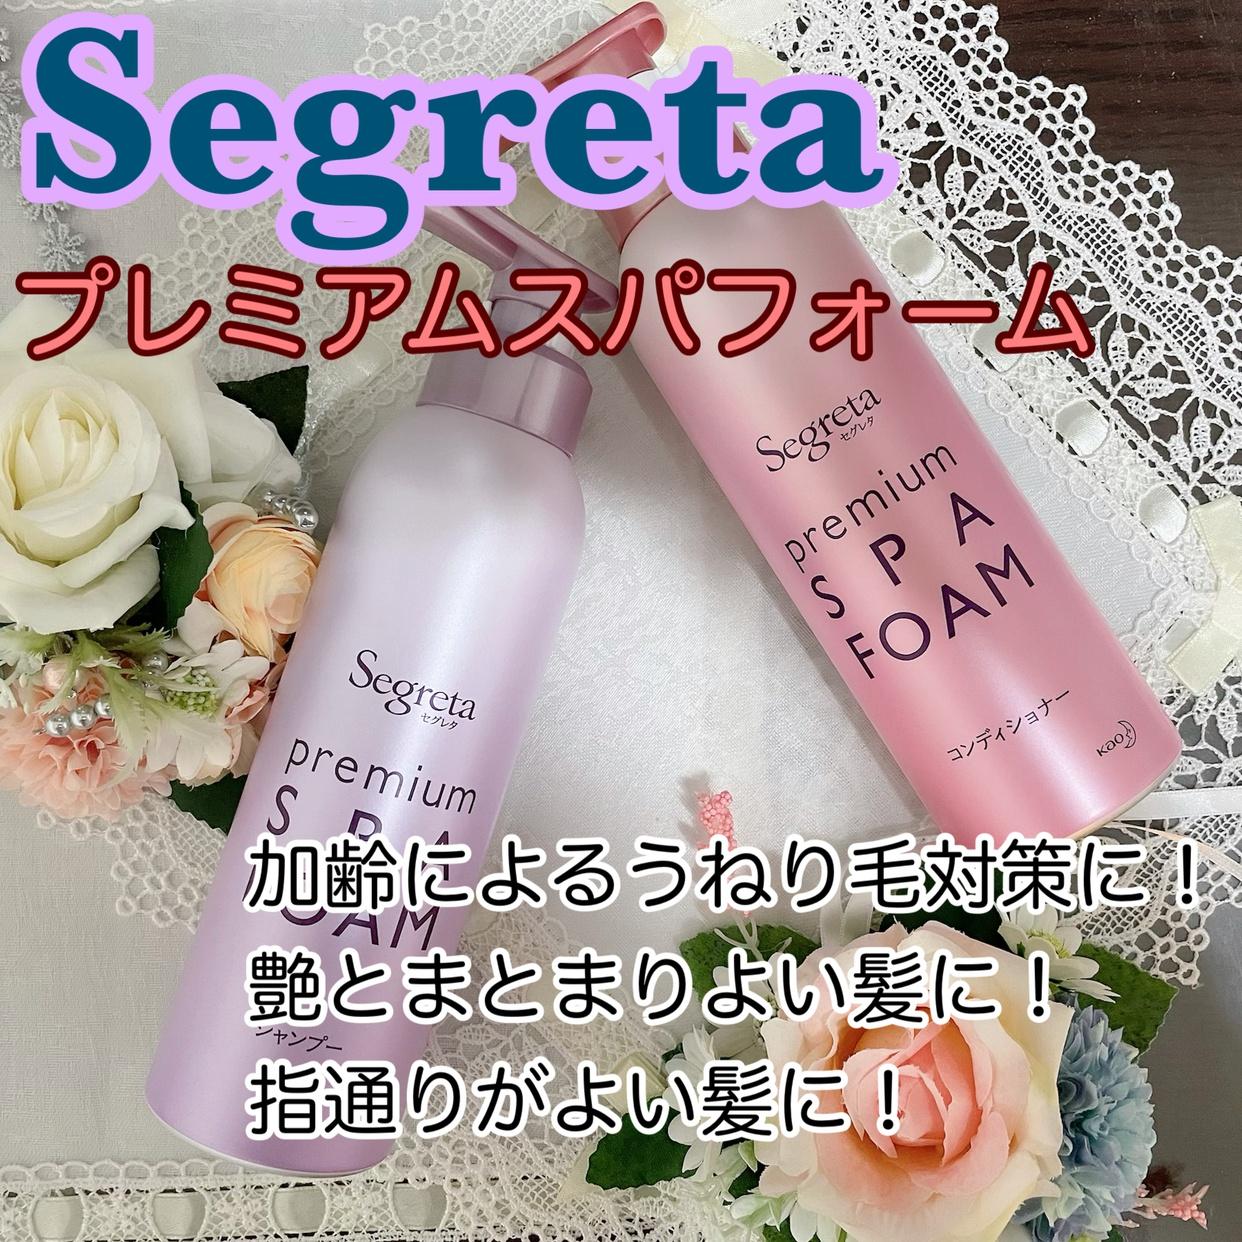 Segreta(セグレタ)プレミアム スパ フォーム シャンプー & コンディショナーを使ったかおきちさんのクチコミ画像